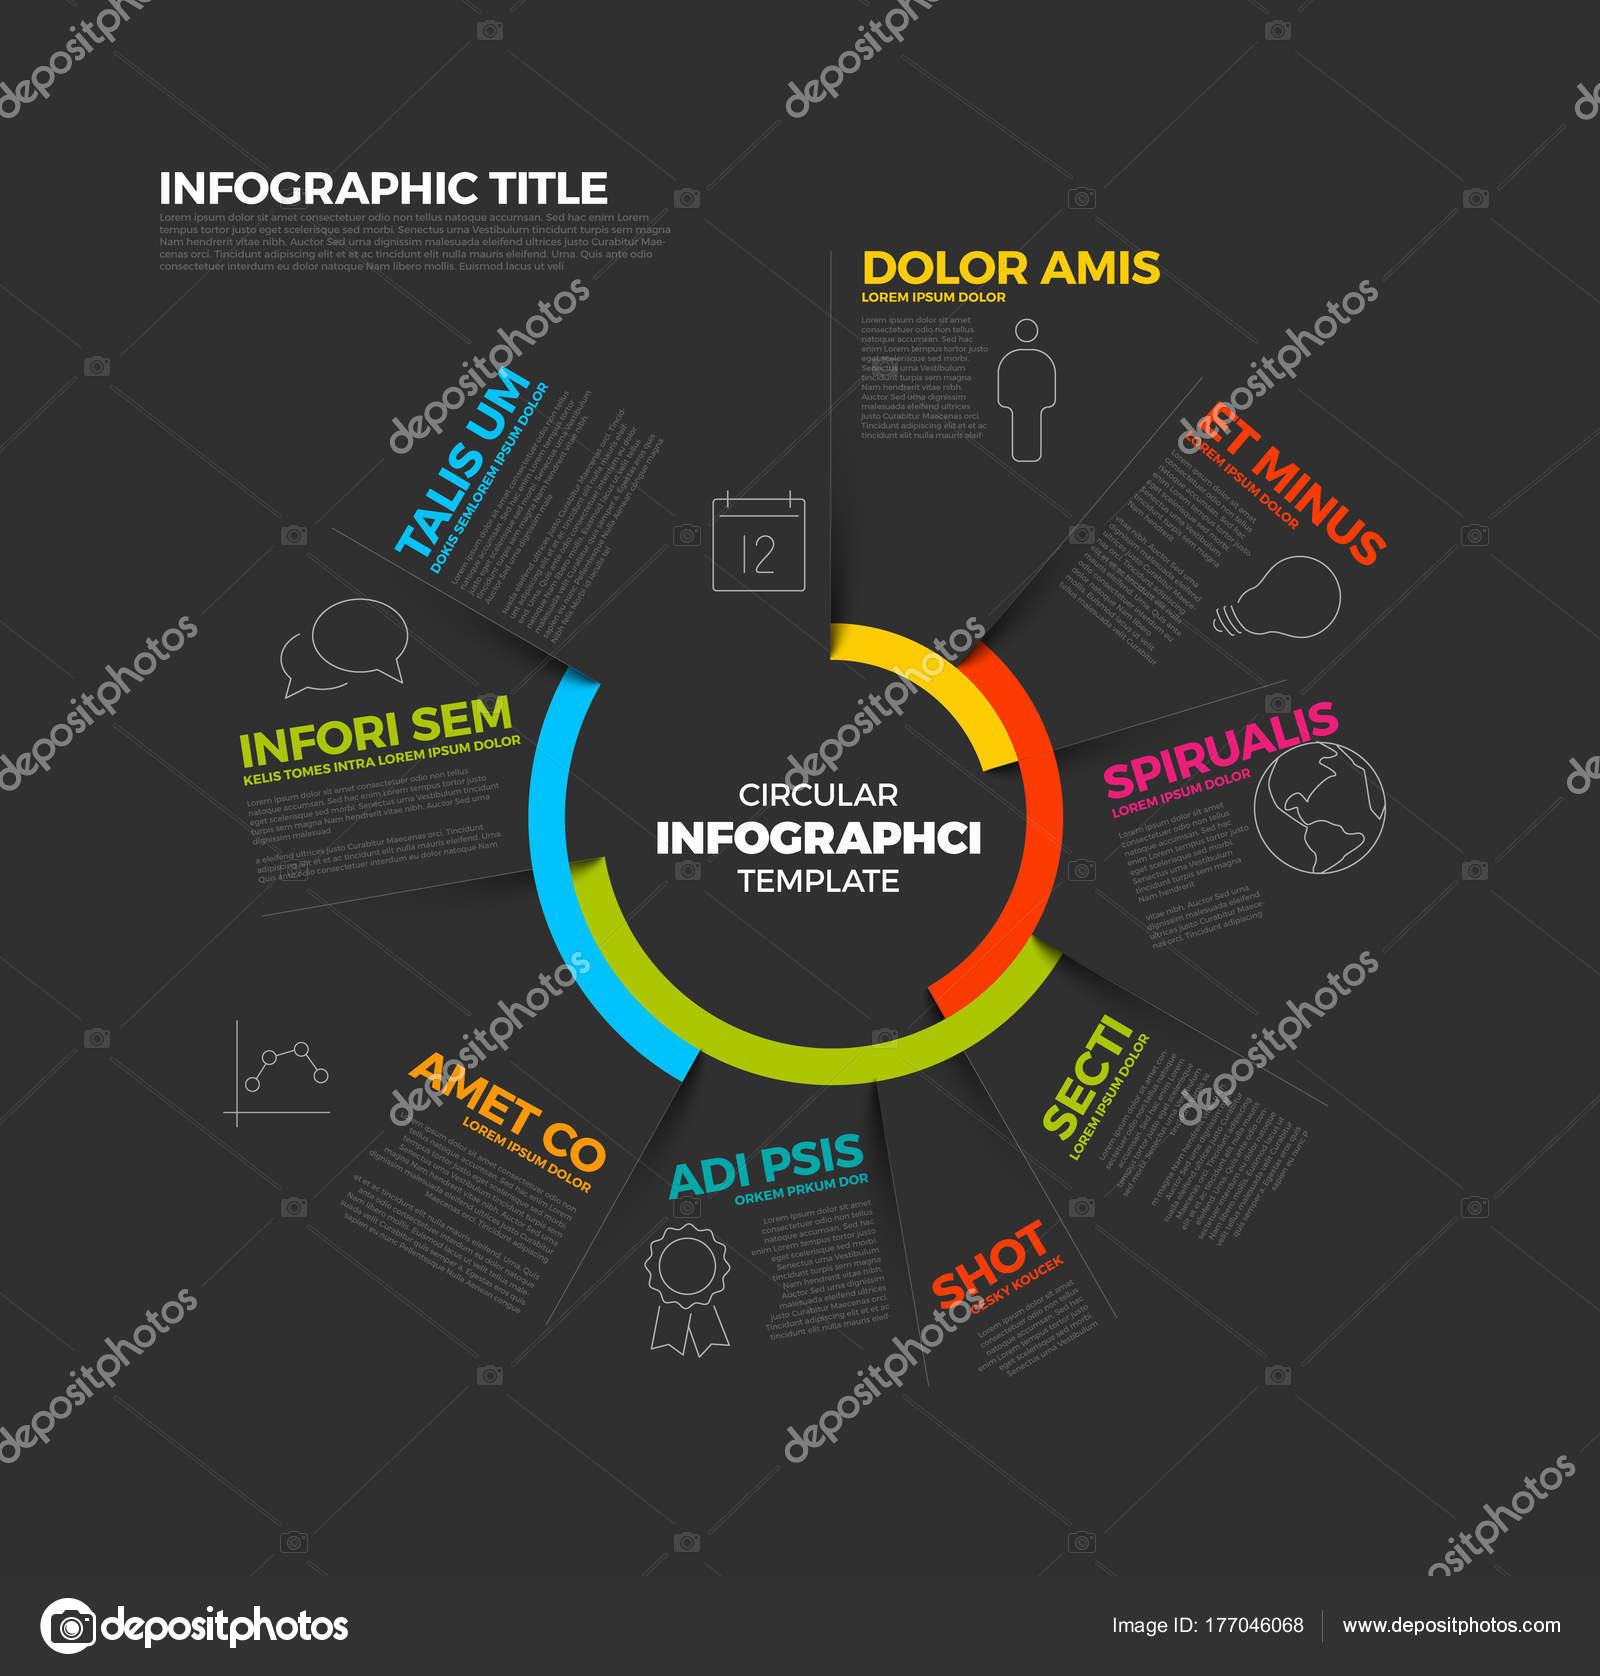 plantilla de informe de infografía circular r — Archivo Imágenes ...